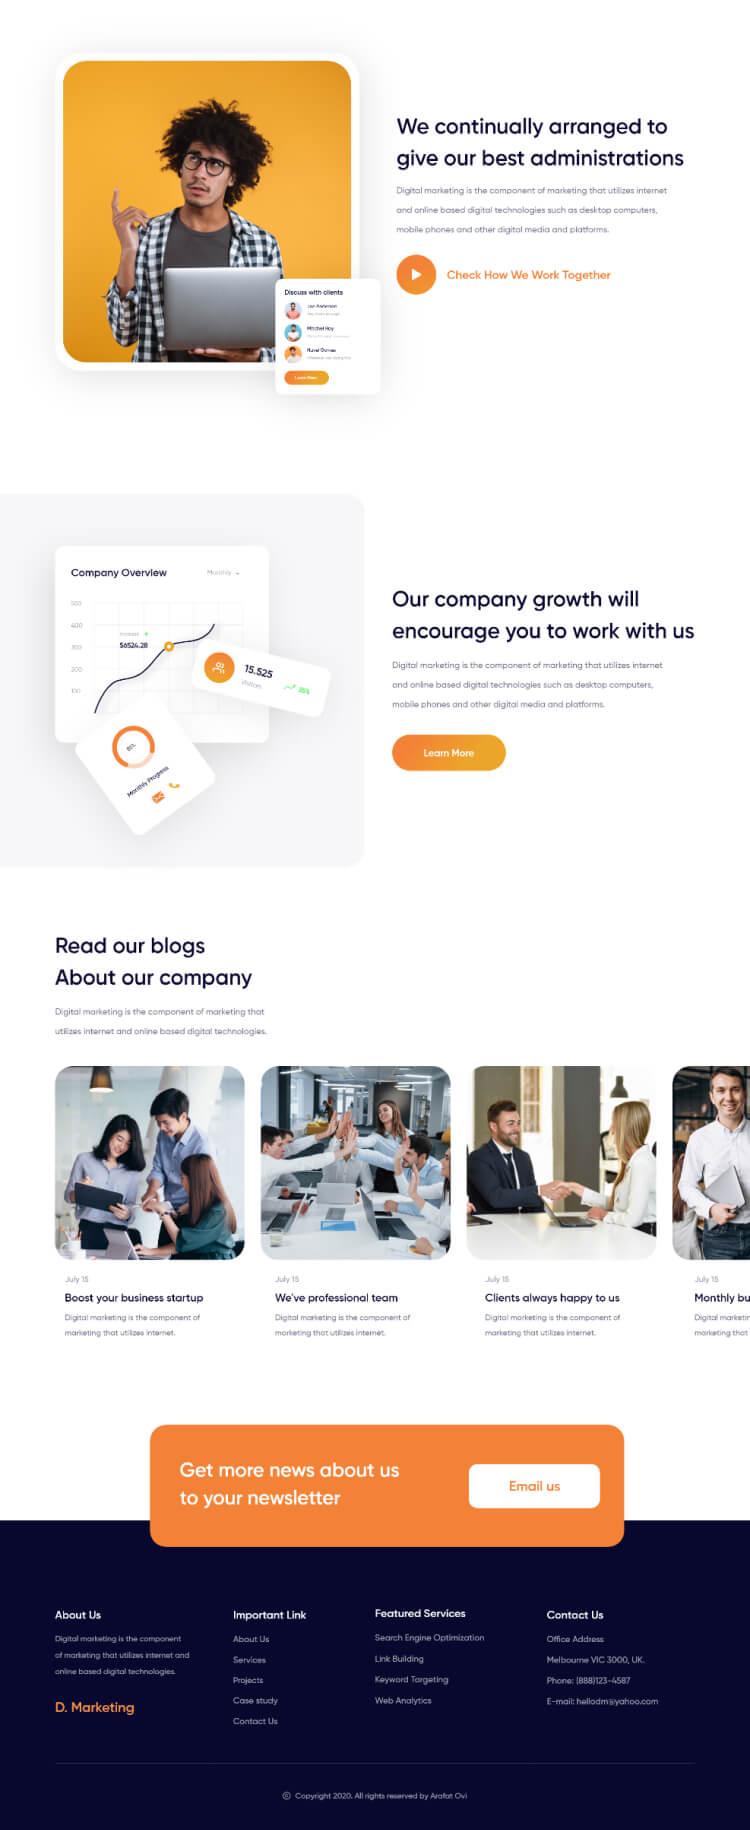 Merkary Marketing Web 3 - UI Freebies